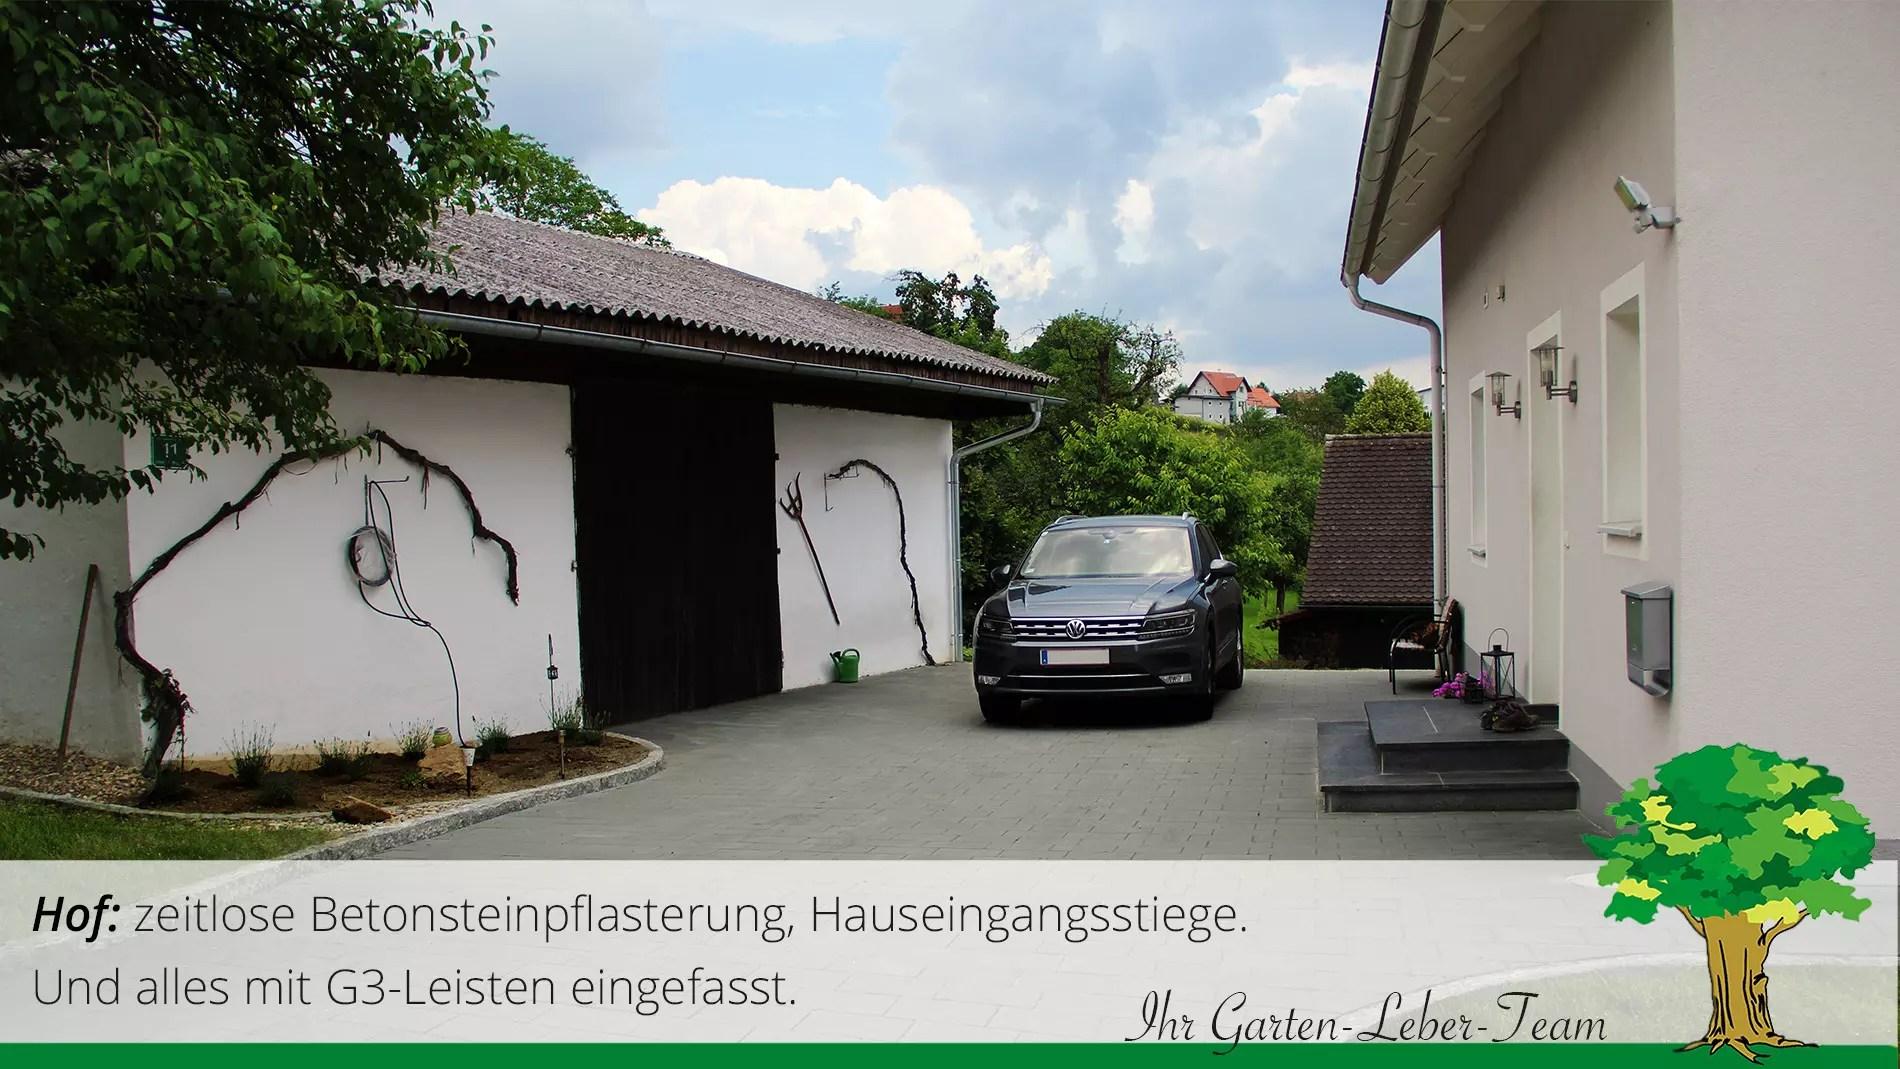 Gartentipp. Betonsteine im Hof und Hauseingang mit Naturstein.